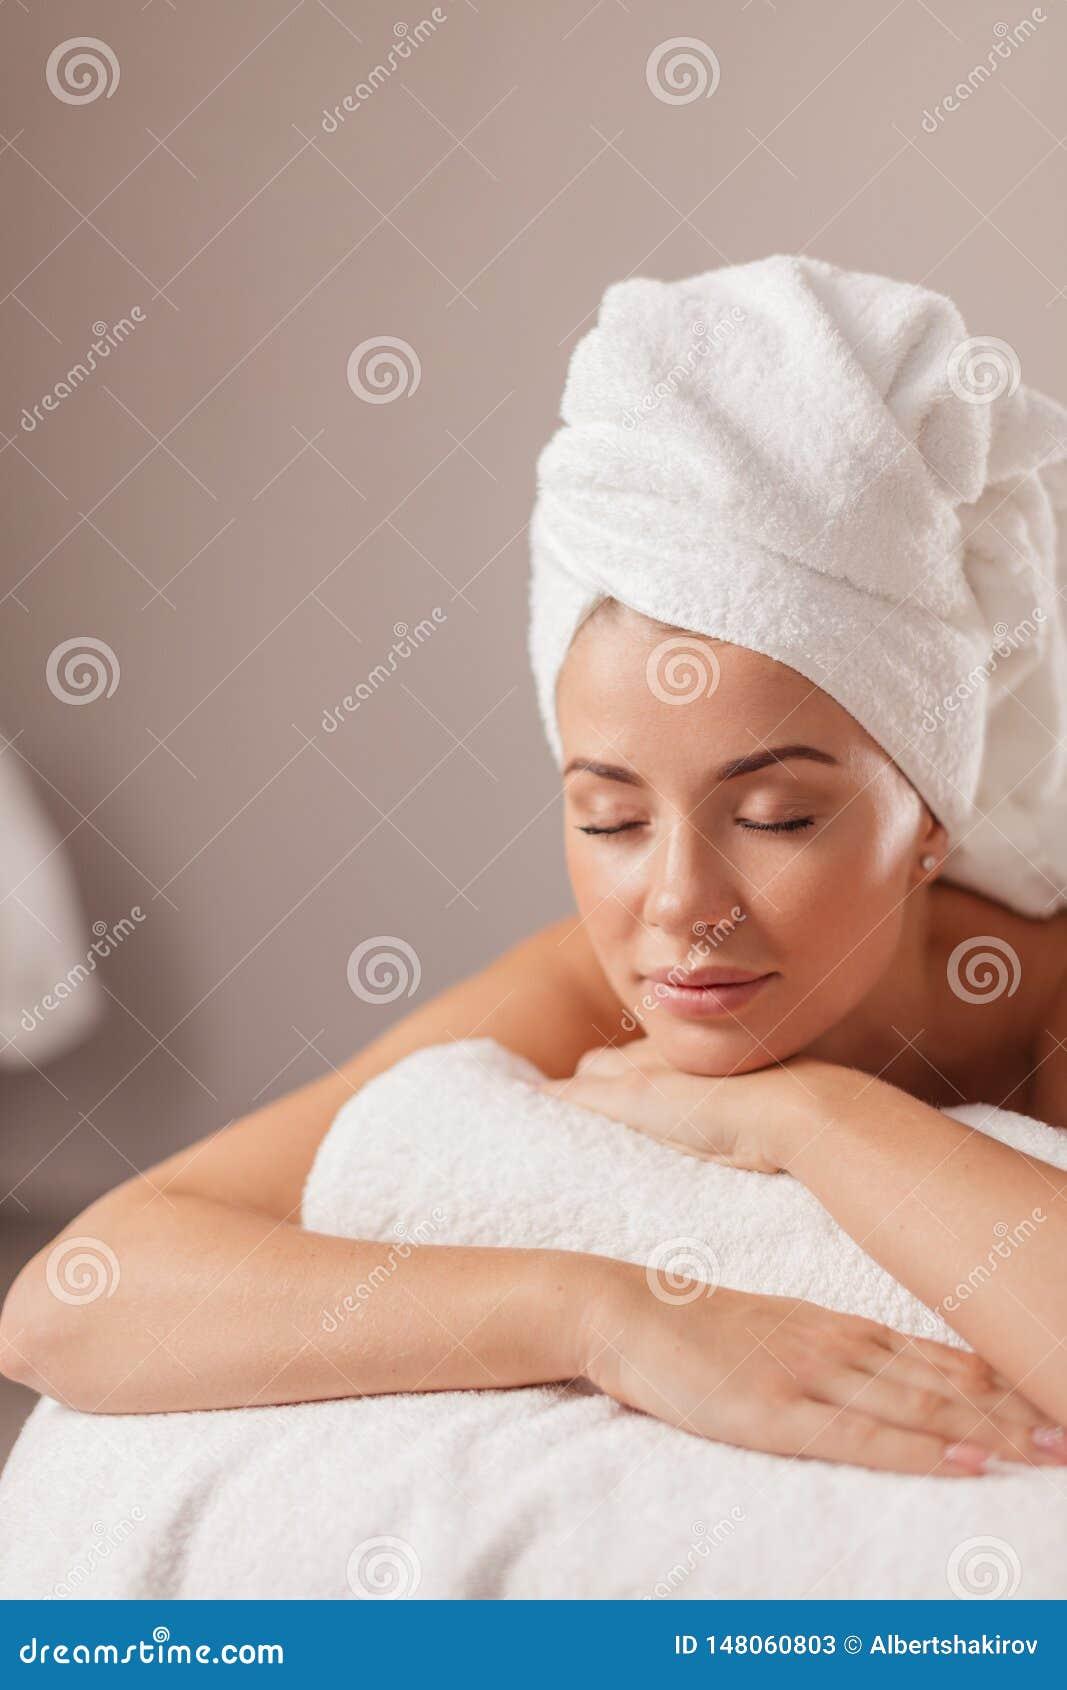 Ruhemädchen wartet auf Massage